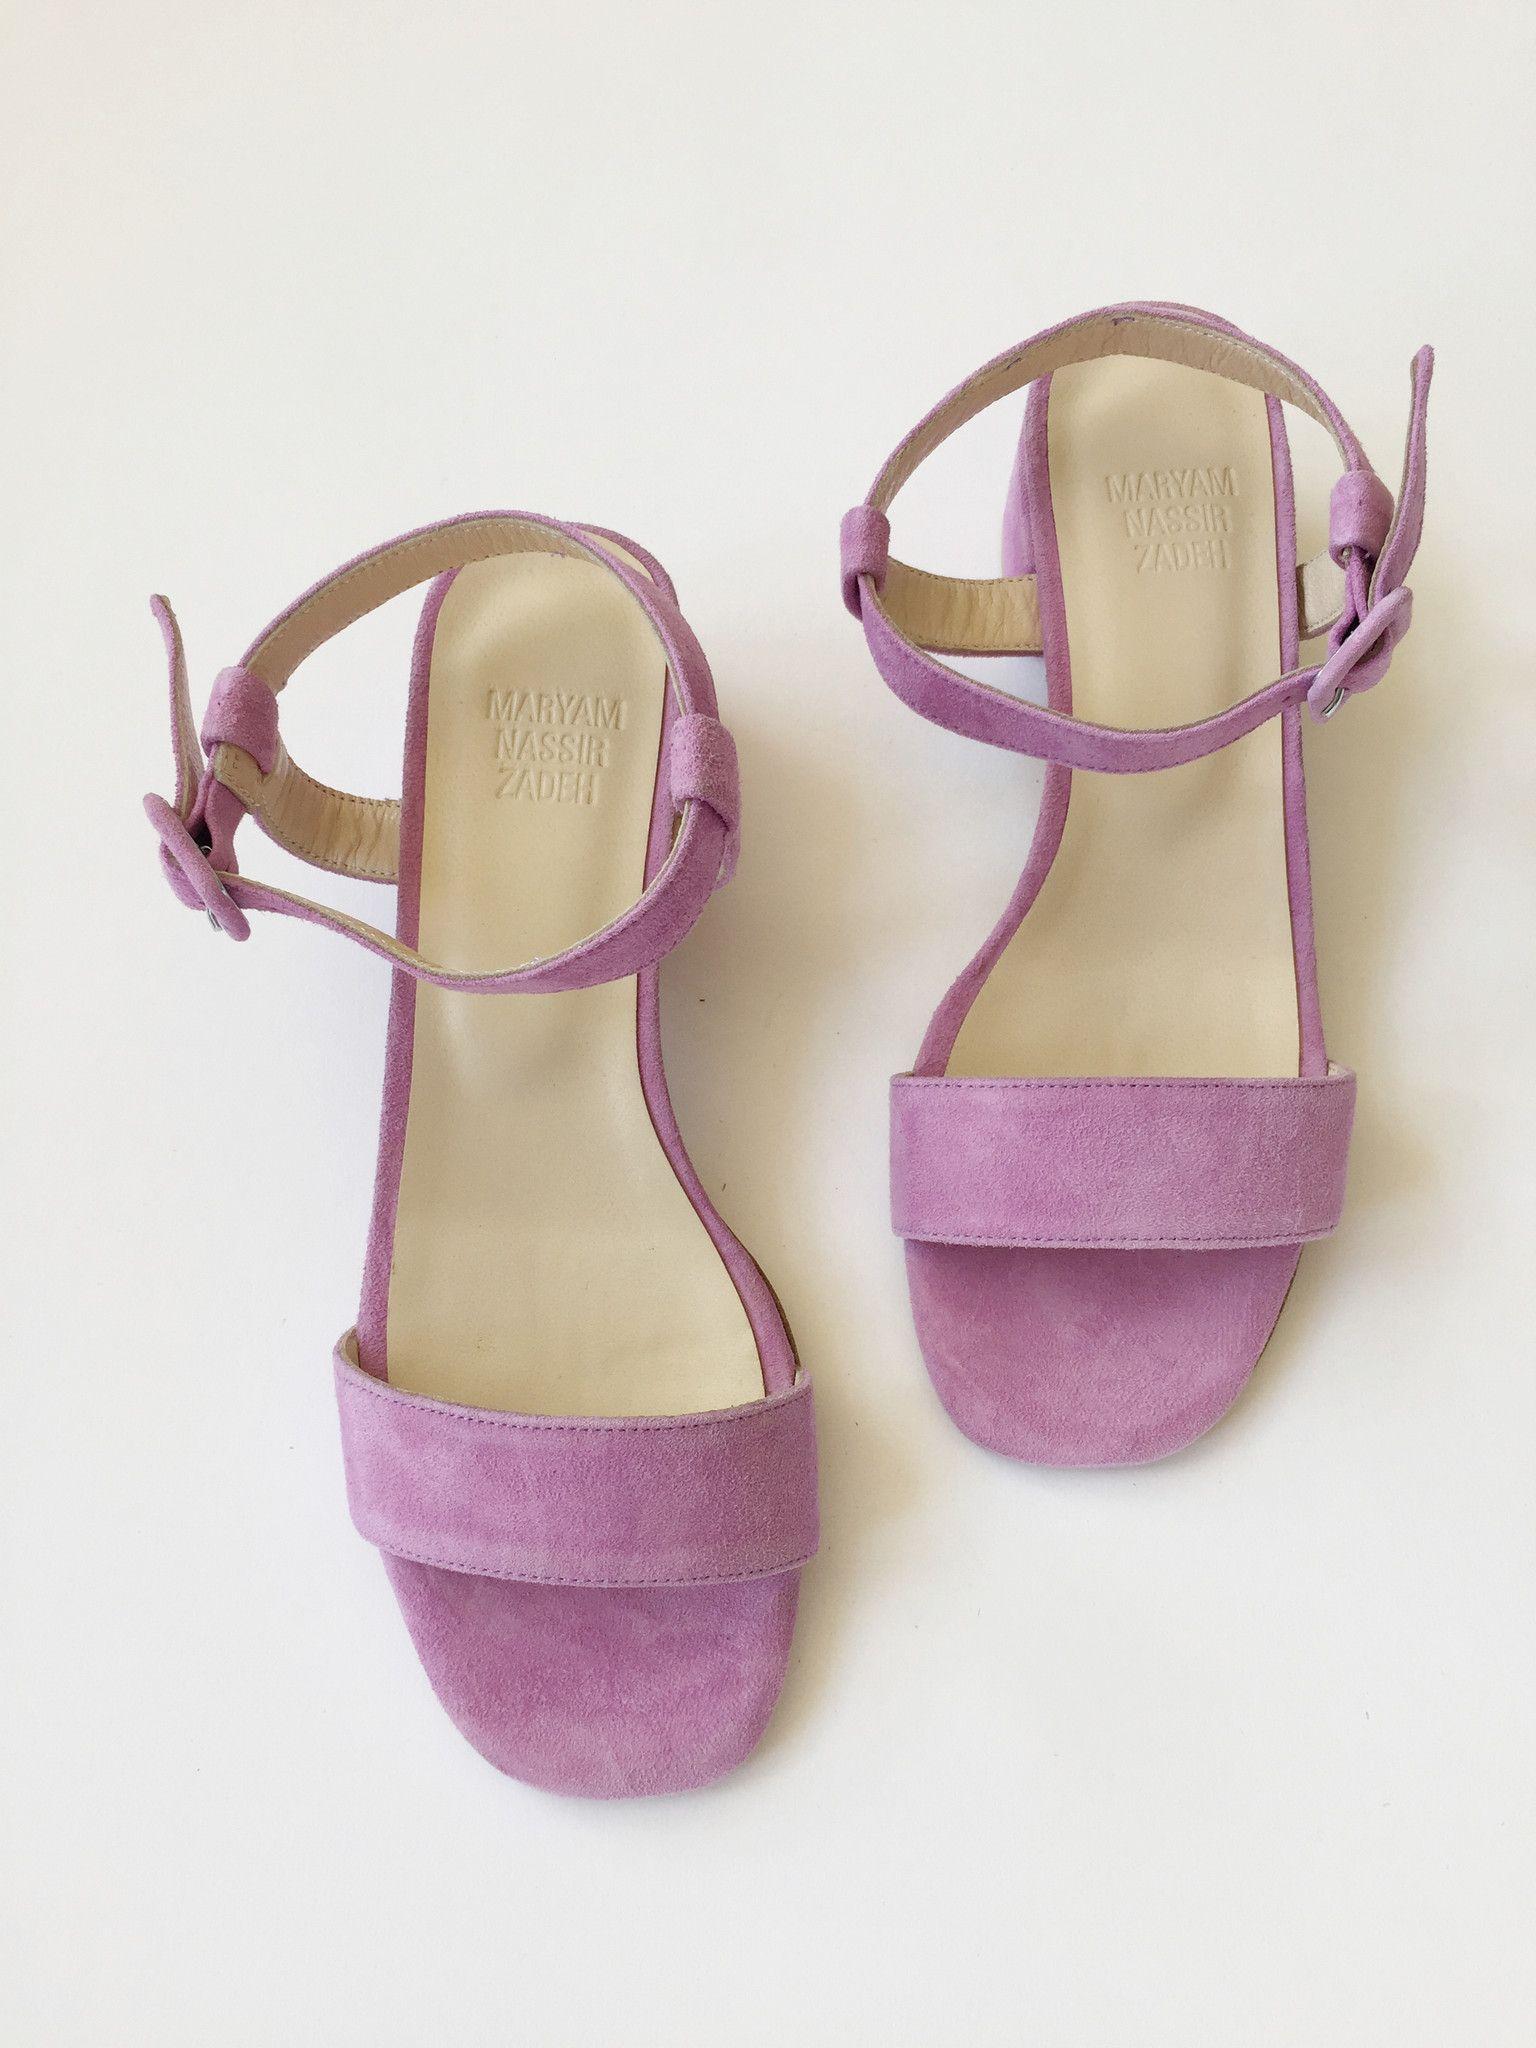 Lavender sandals shoes - Mille Maryam Nassir Zadeh Sophie Sandal Natural